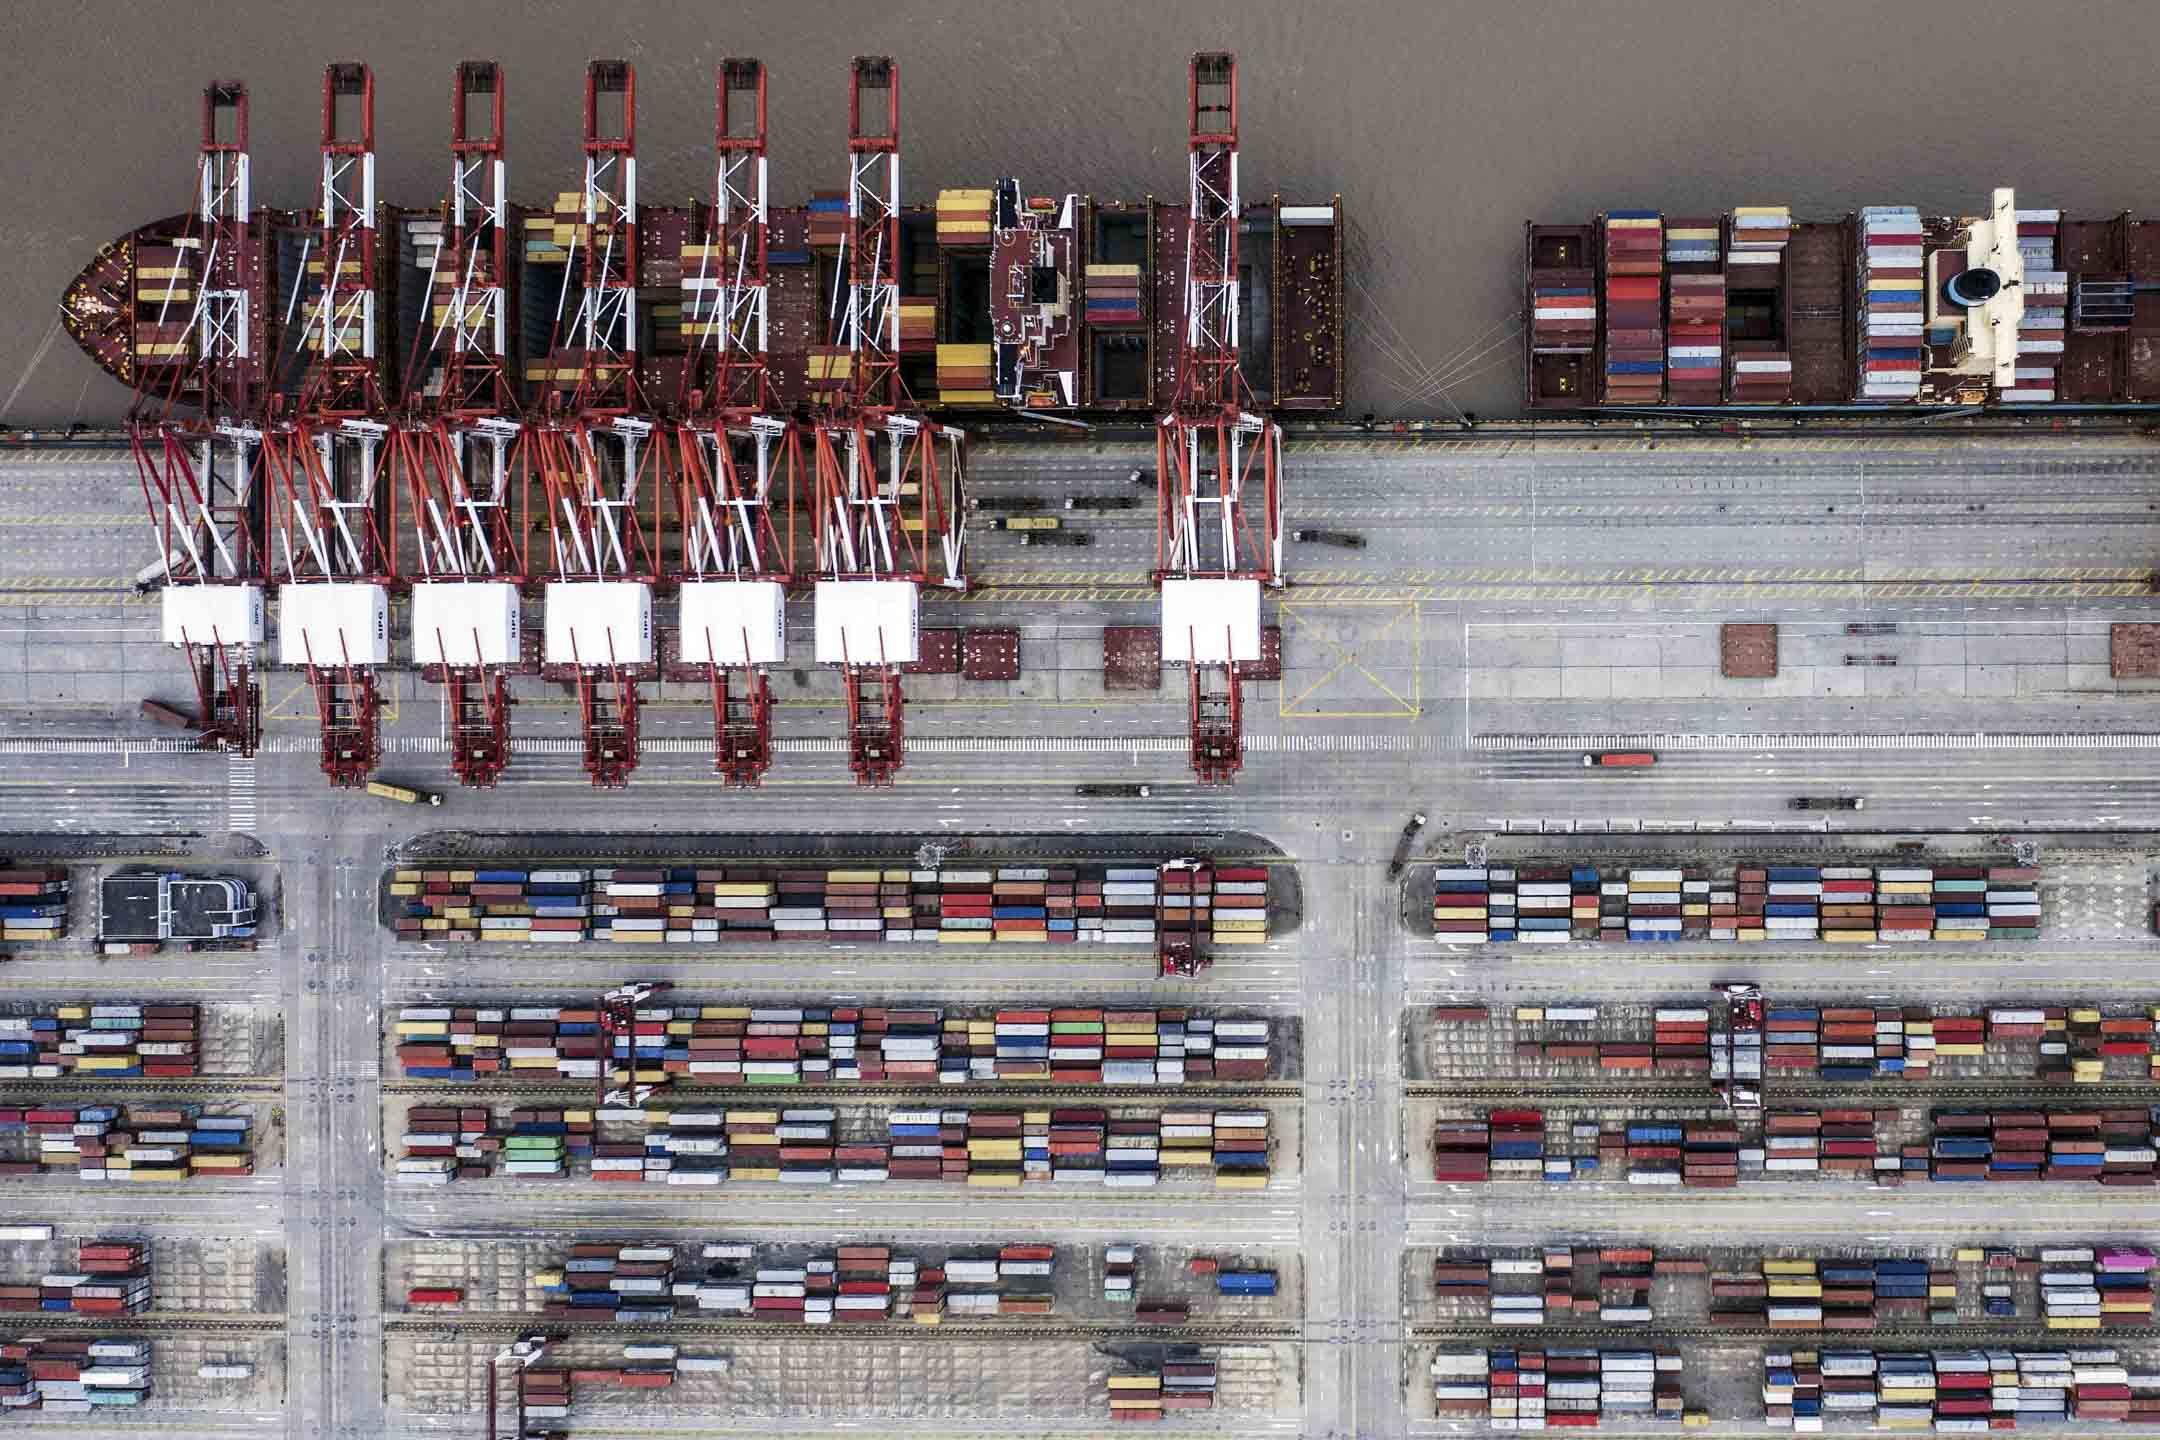 美國總統特朗普早前宣佈,將2000億美元的中國商品關稅從10%上調到25%,並不排除對其它商品也加徵關稅。 攝:Qilai Shen/Bloomberg via Getty Images